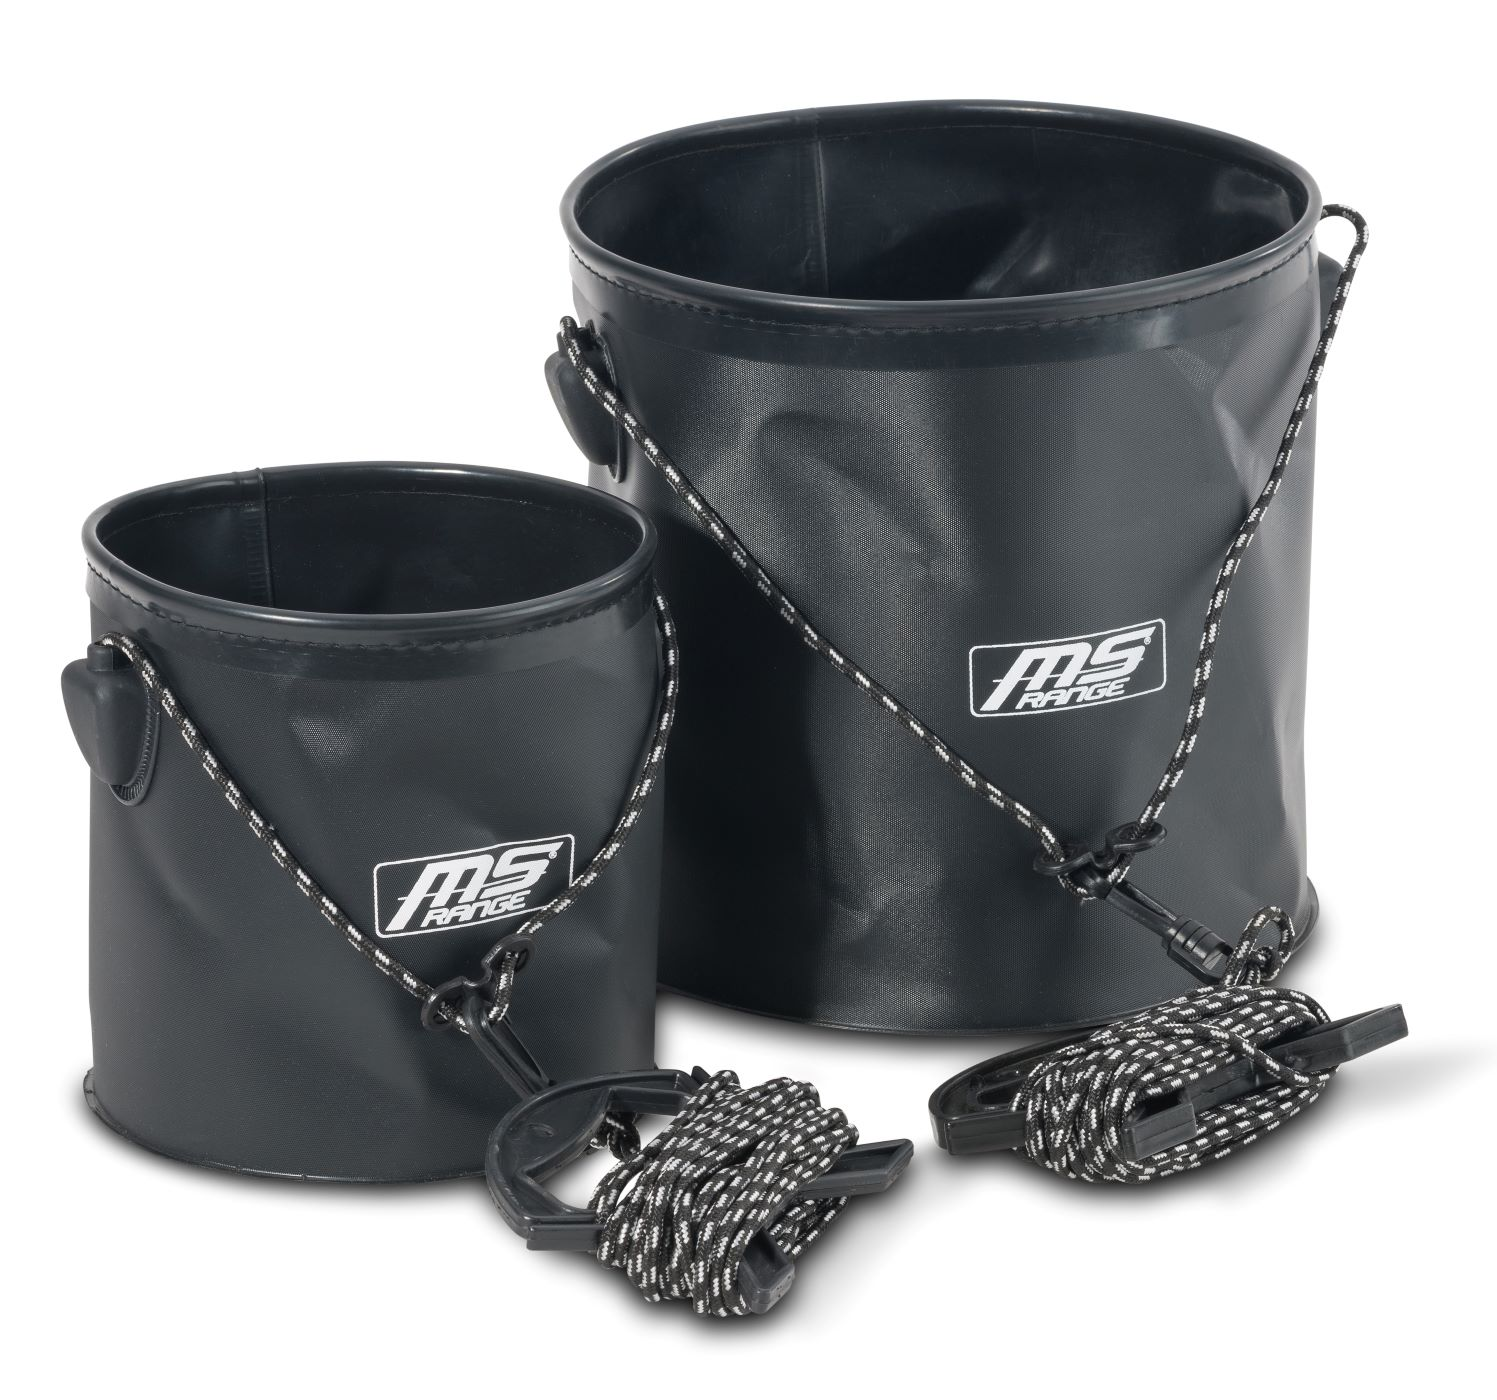 MS Range skládací kbelík na vodu velikost S